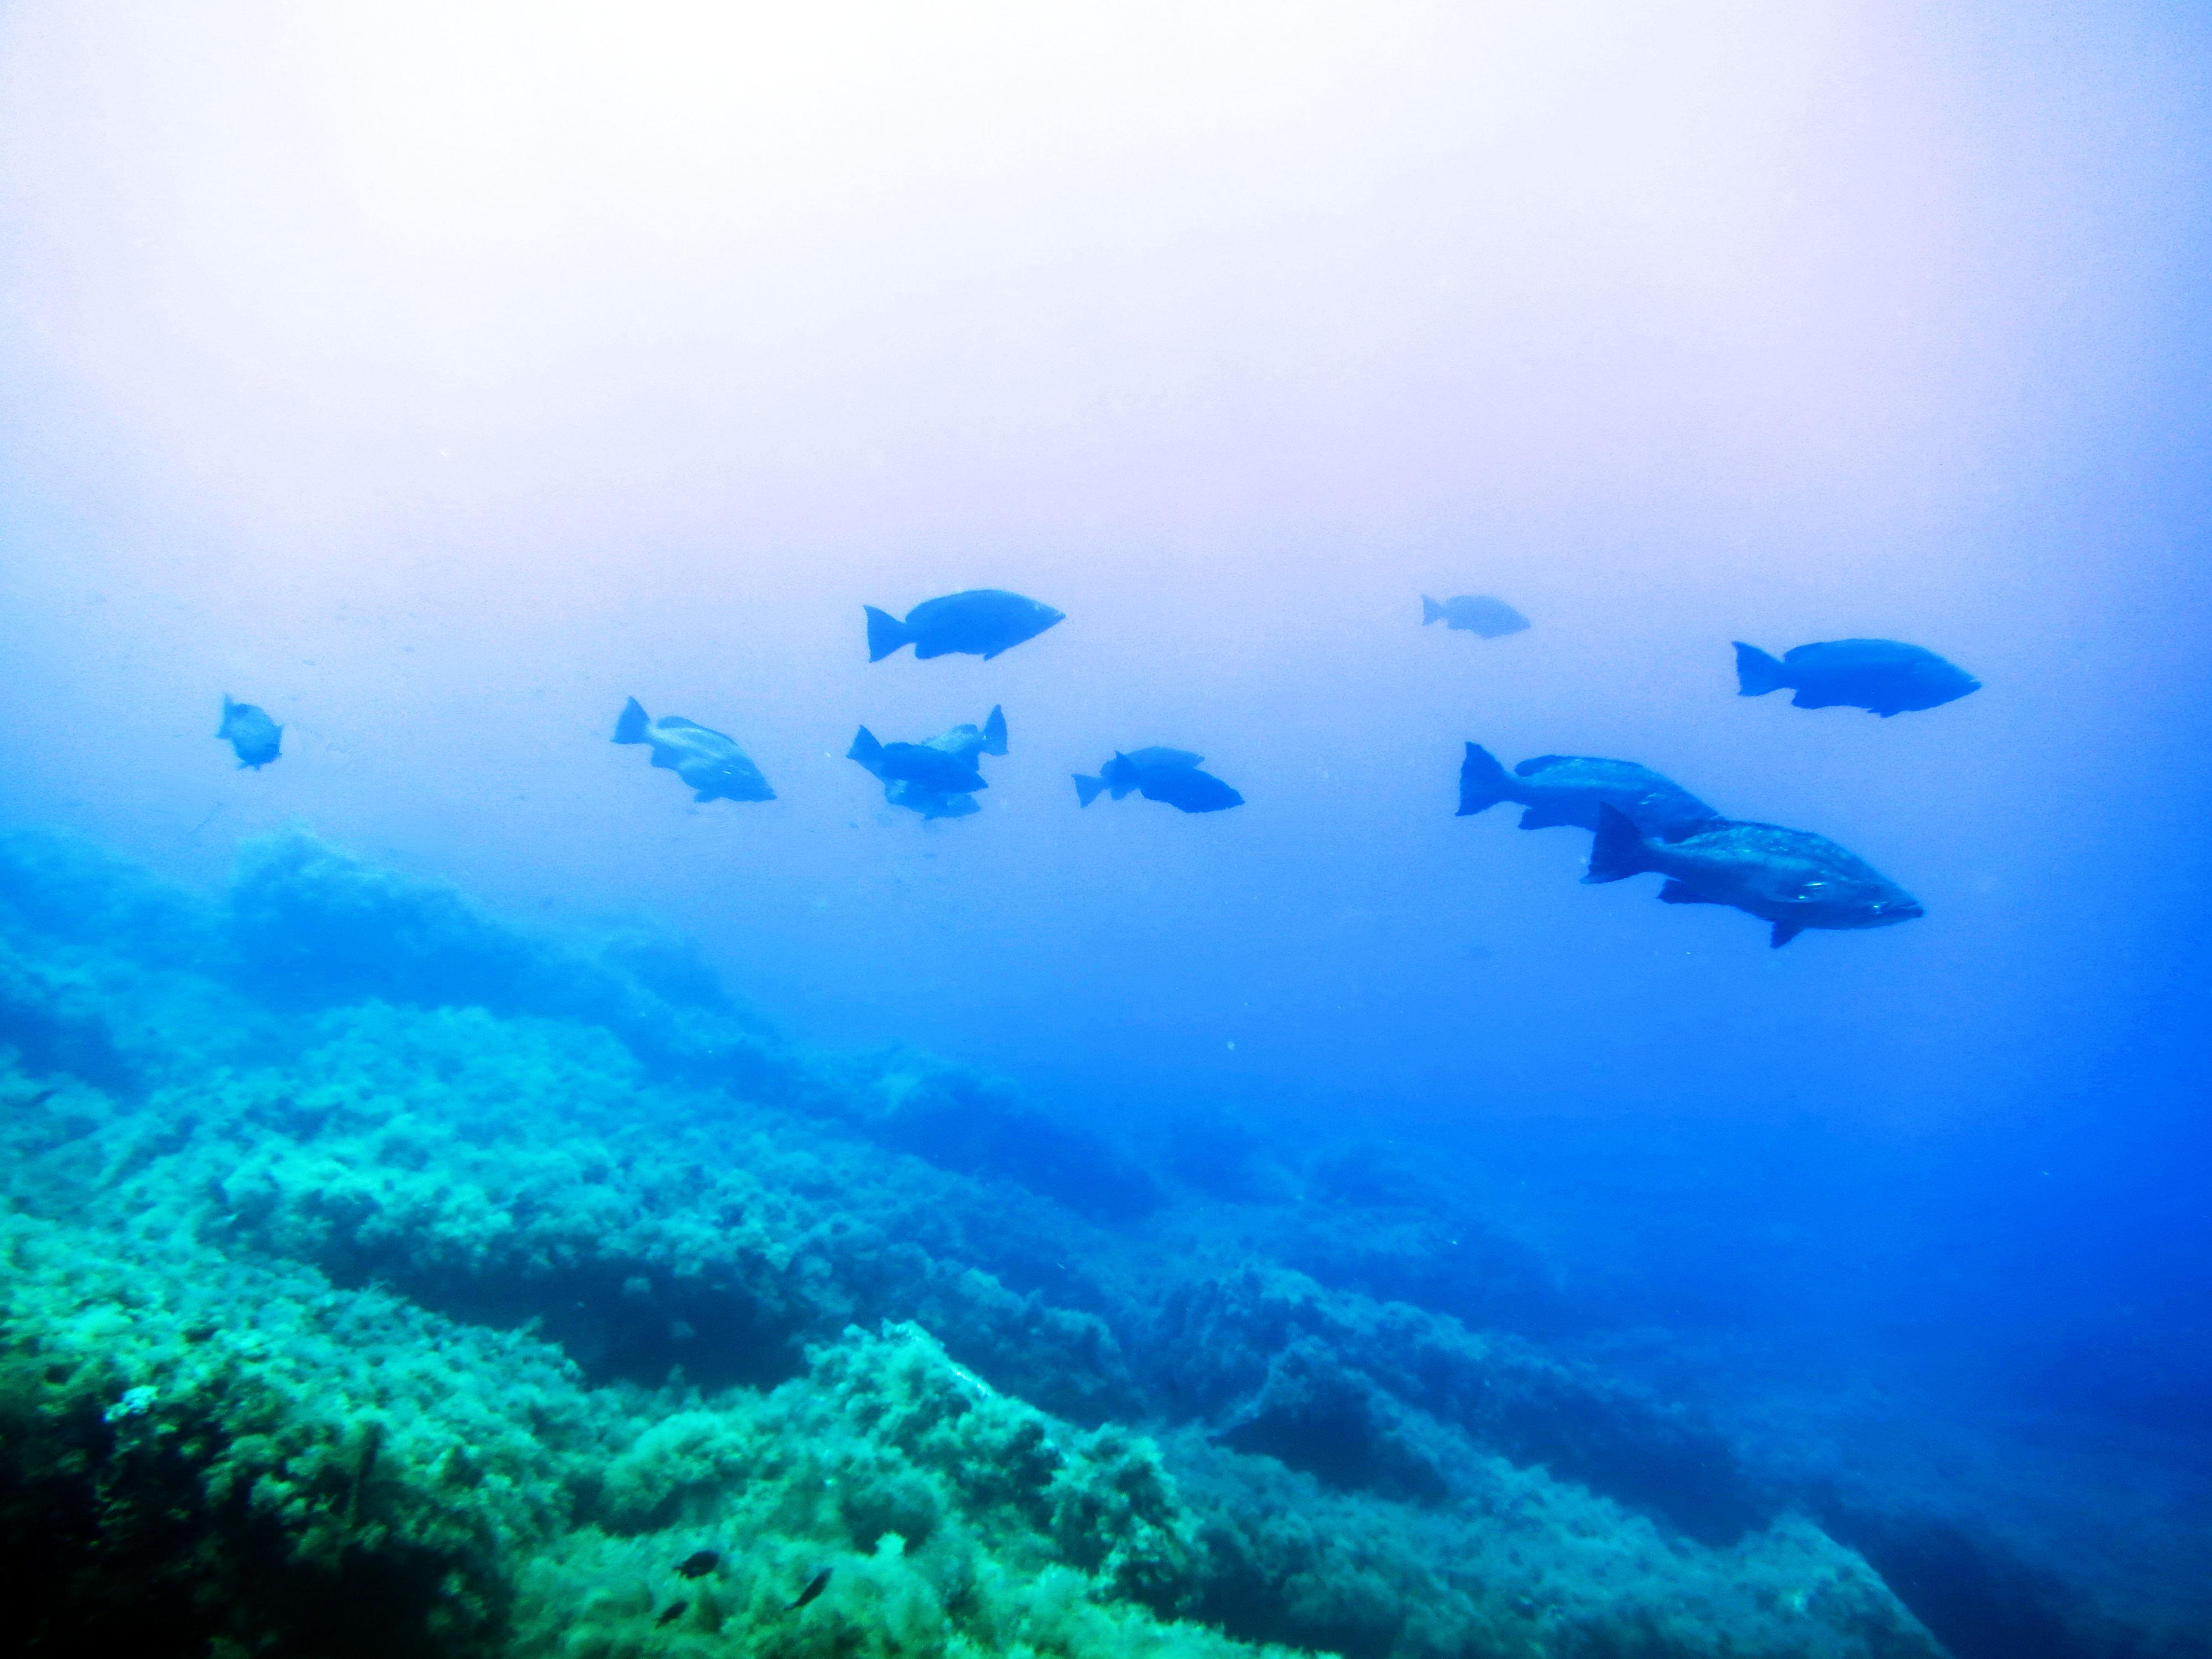 """Reportage: Area marina protetta di Ustica di Salvatore Livreri Console Direttore A.M.P. """"Isola di Ustica"""""""